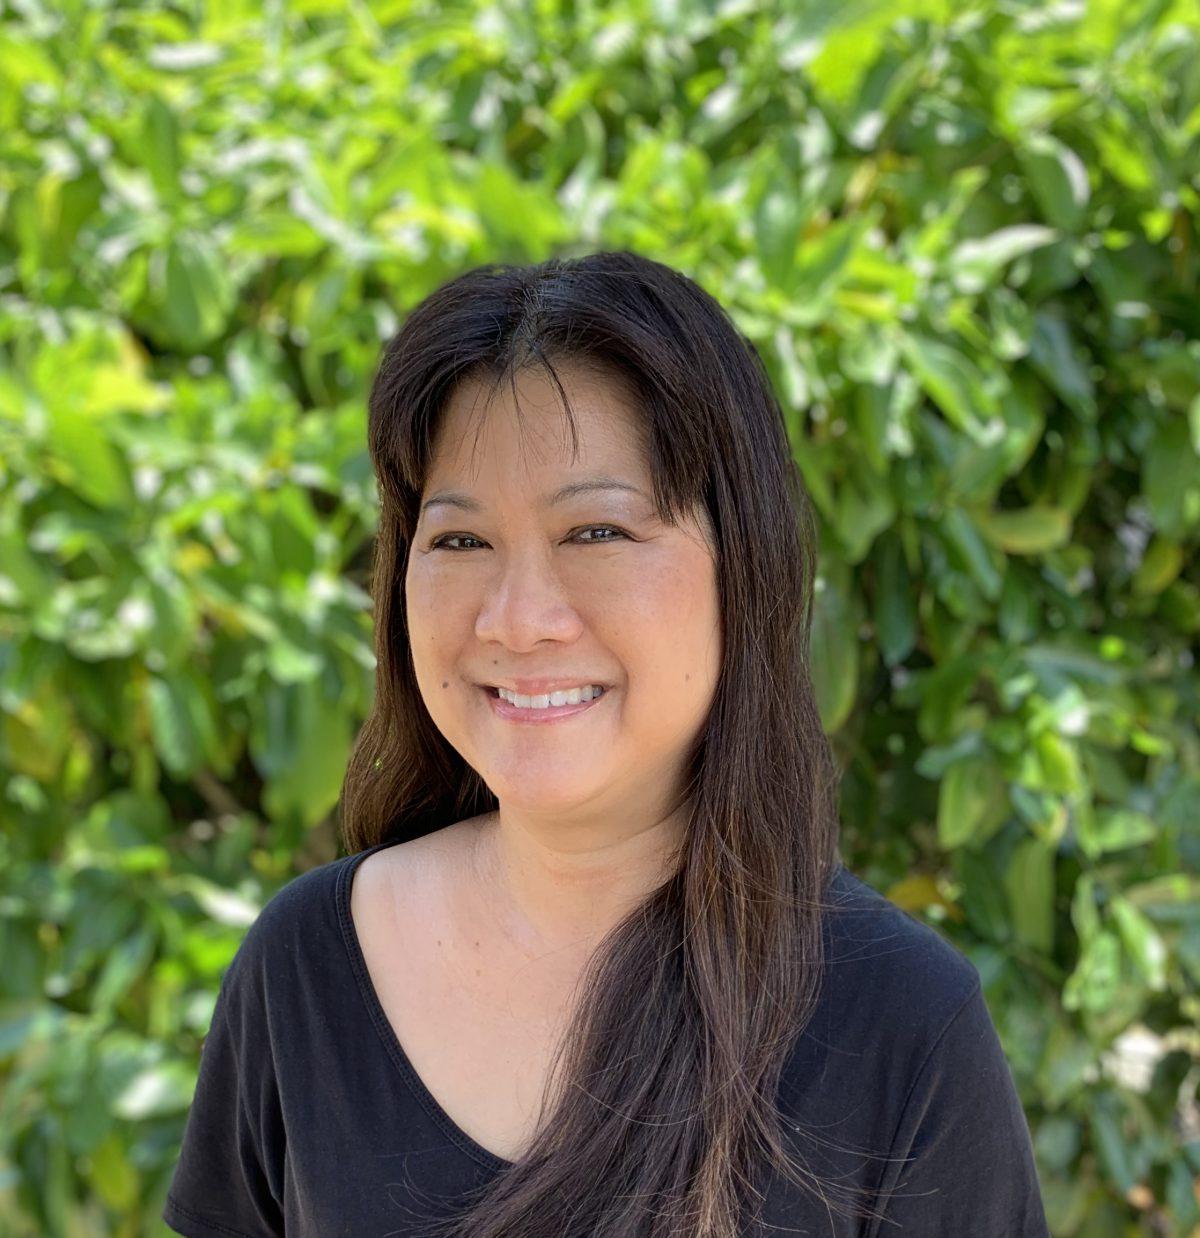 Lisa Uyehara